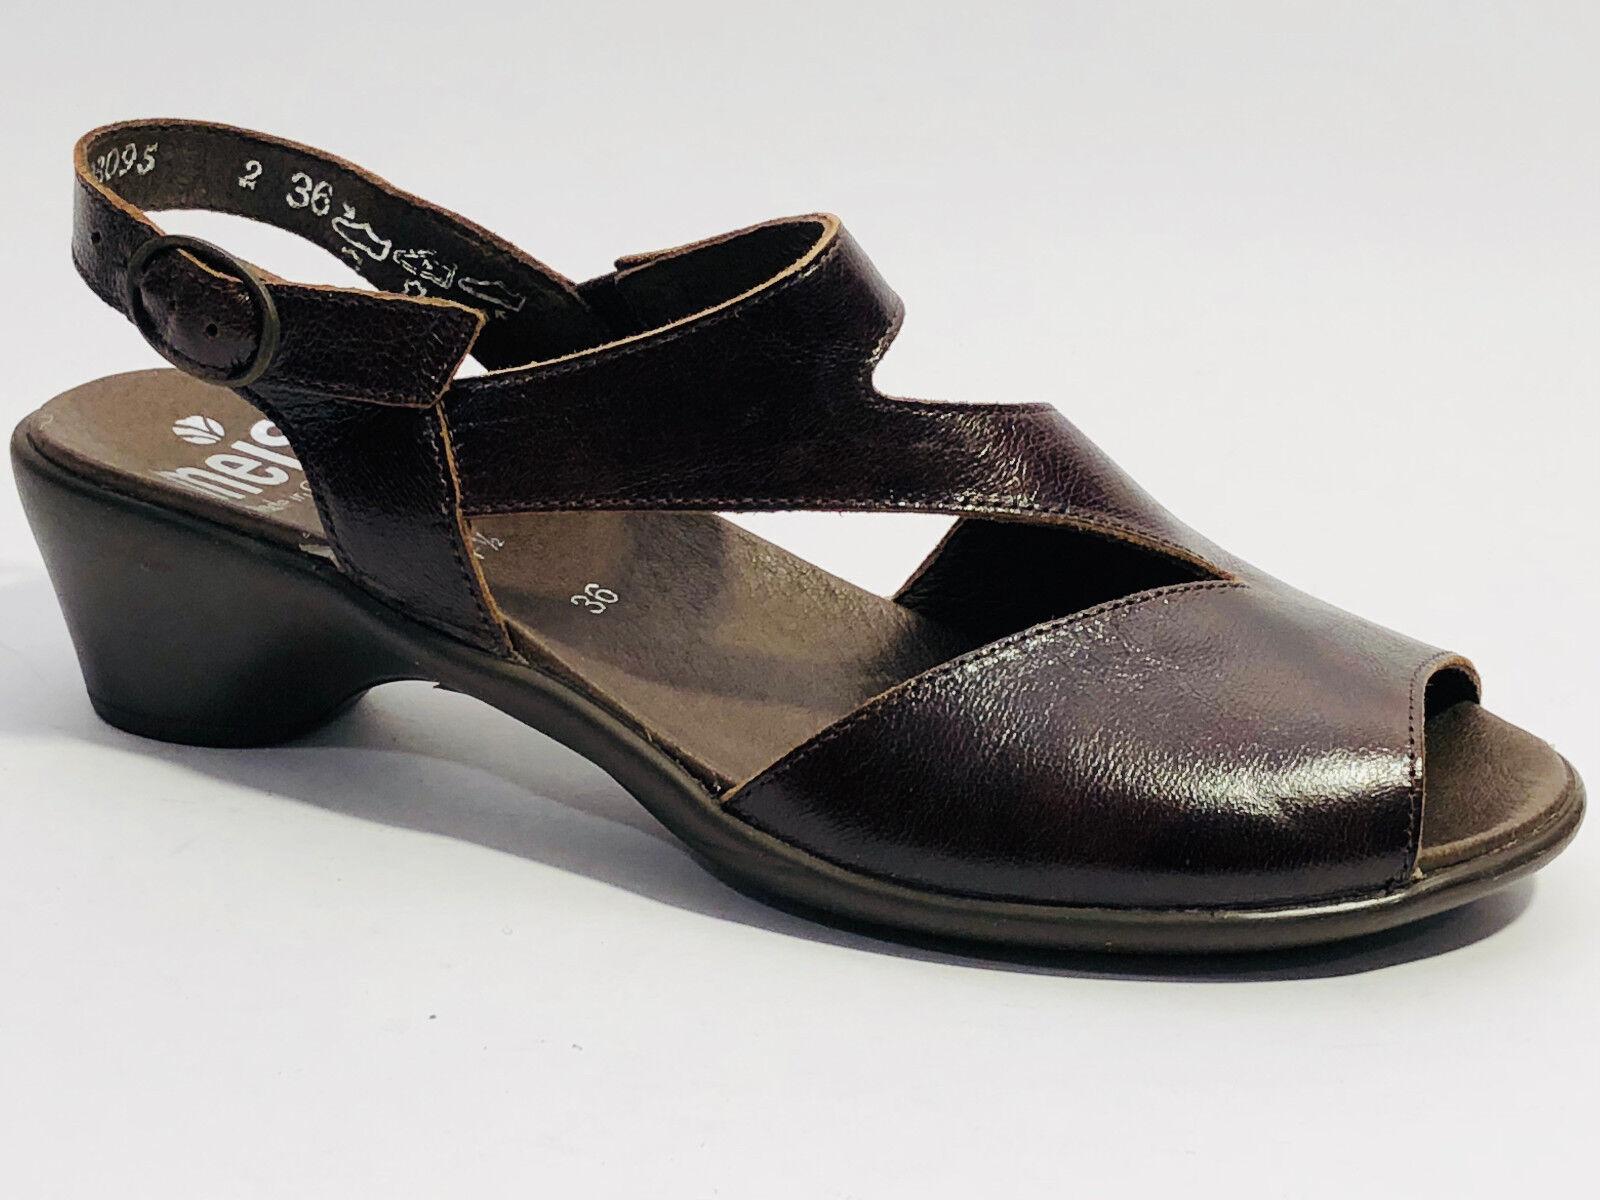 Meisi Scarpe Pelle Liscia Sandali chiusura TAGLIA 36 () marrone chiusura Sandali in velcro all'elastico 15c153